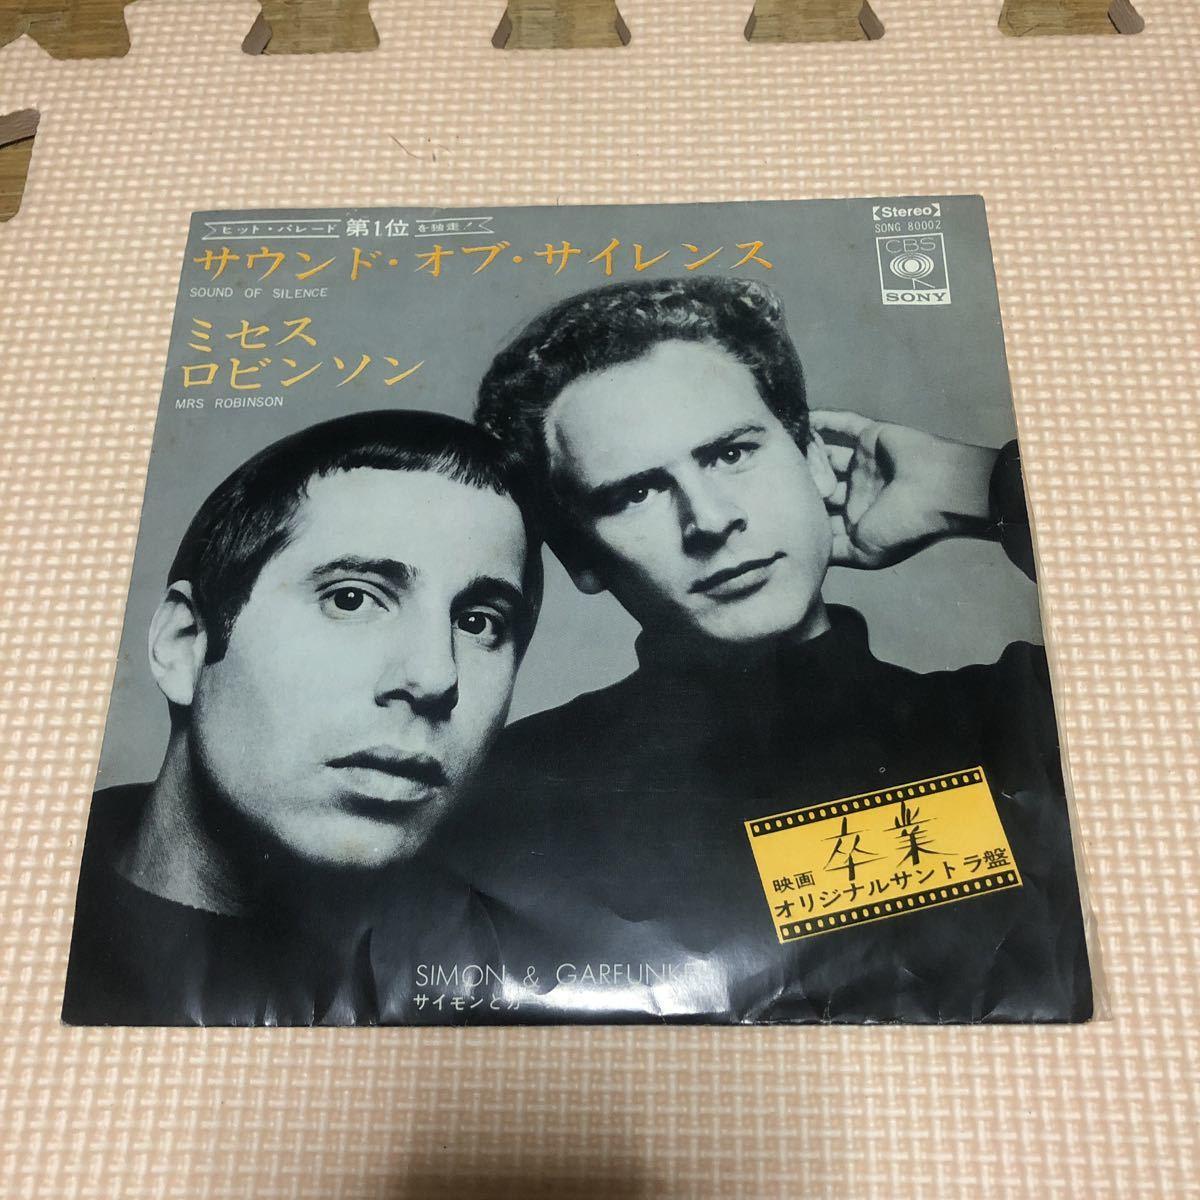 サイモン&ガーファンクル サウンド・オブ・サイレンス/ミセス・ロビンソン 国内盤7インチシングルレコード